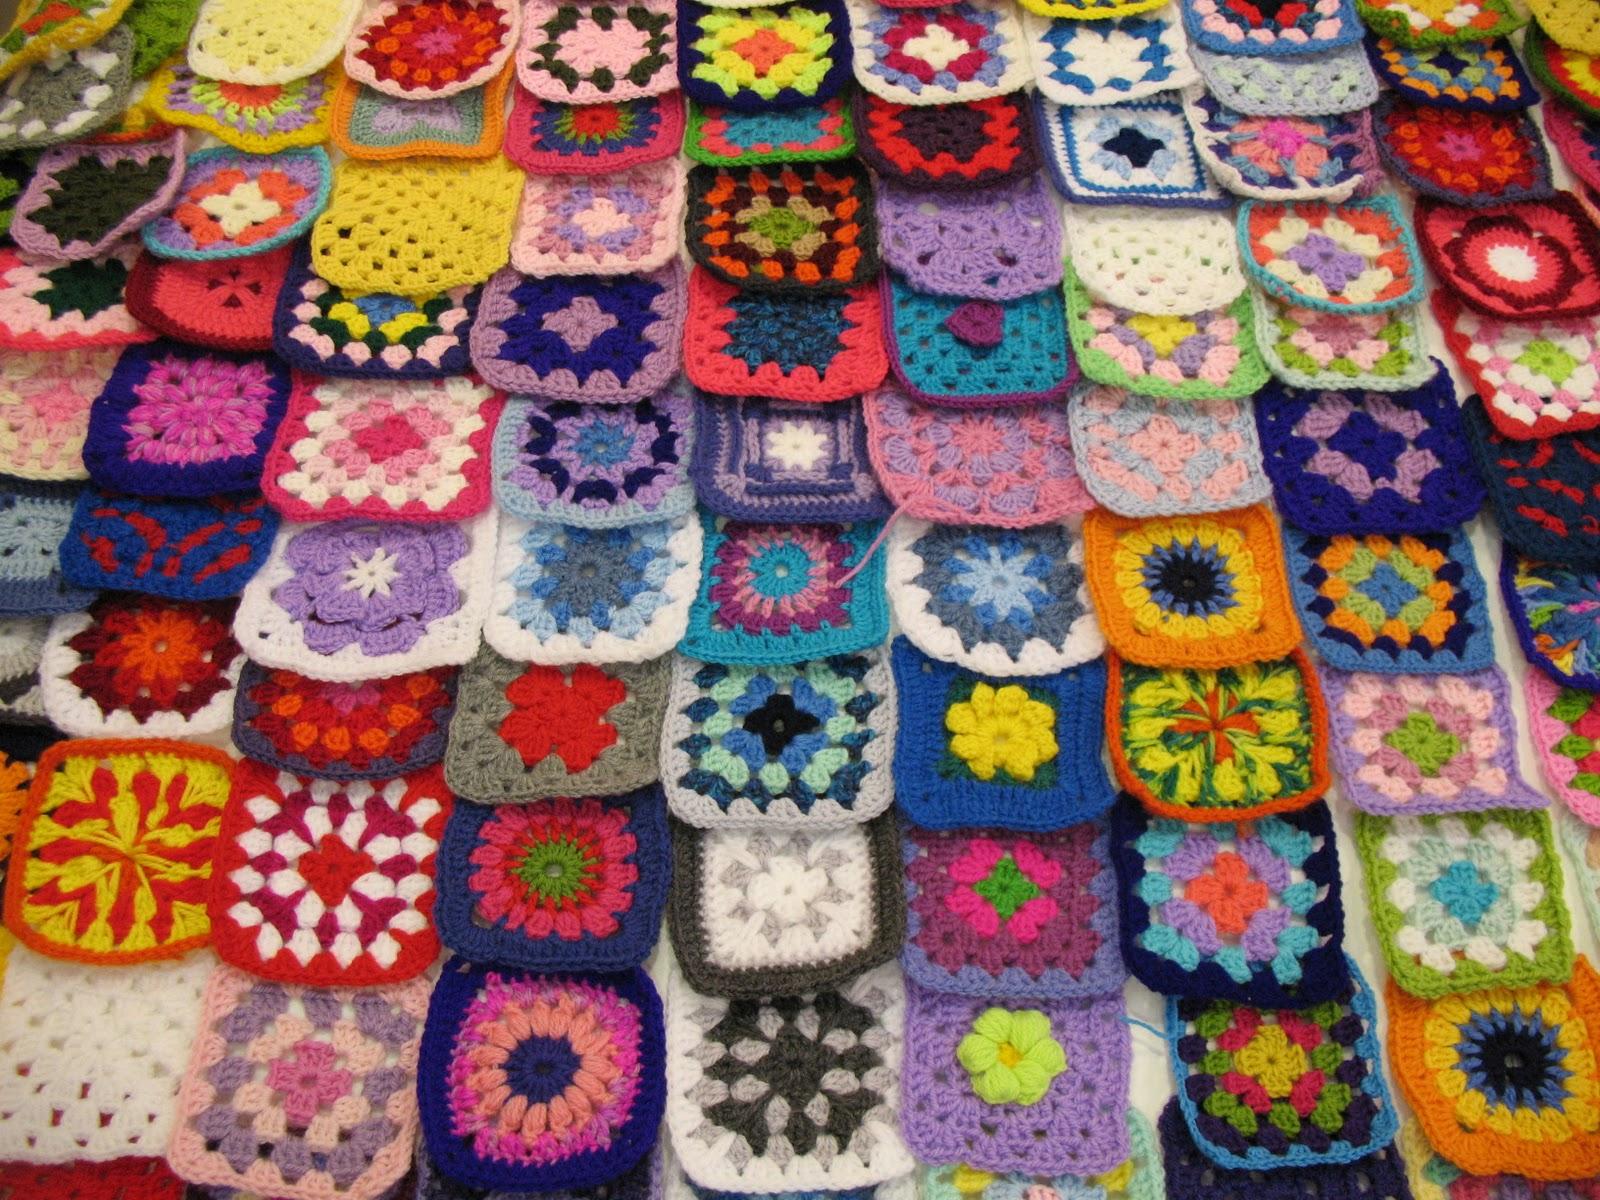 I pasticci di una mamma creativa alle prime armi la mia coperta del cuore - Coperta uncinetto piastrelle ...